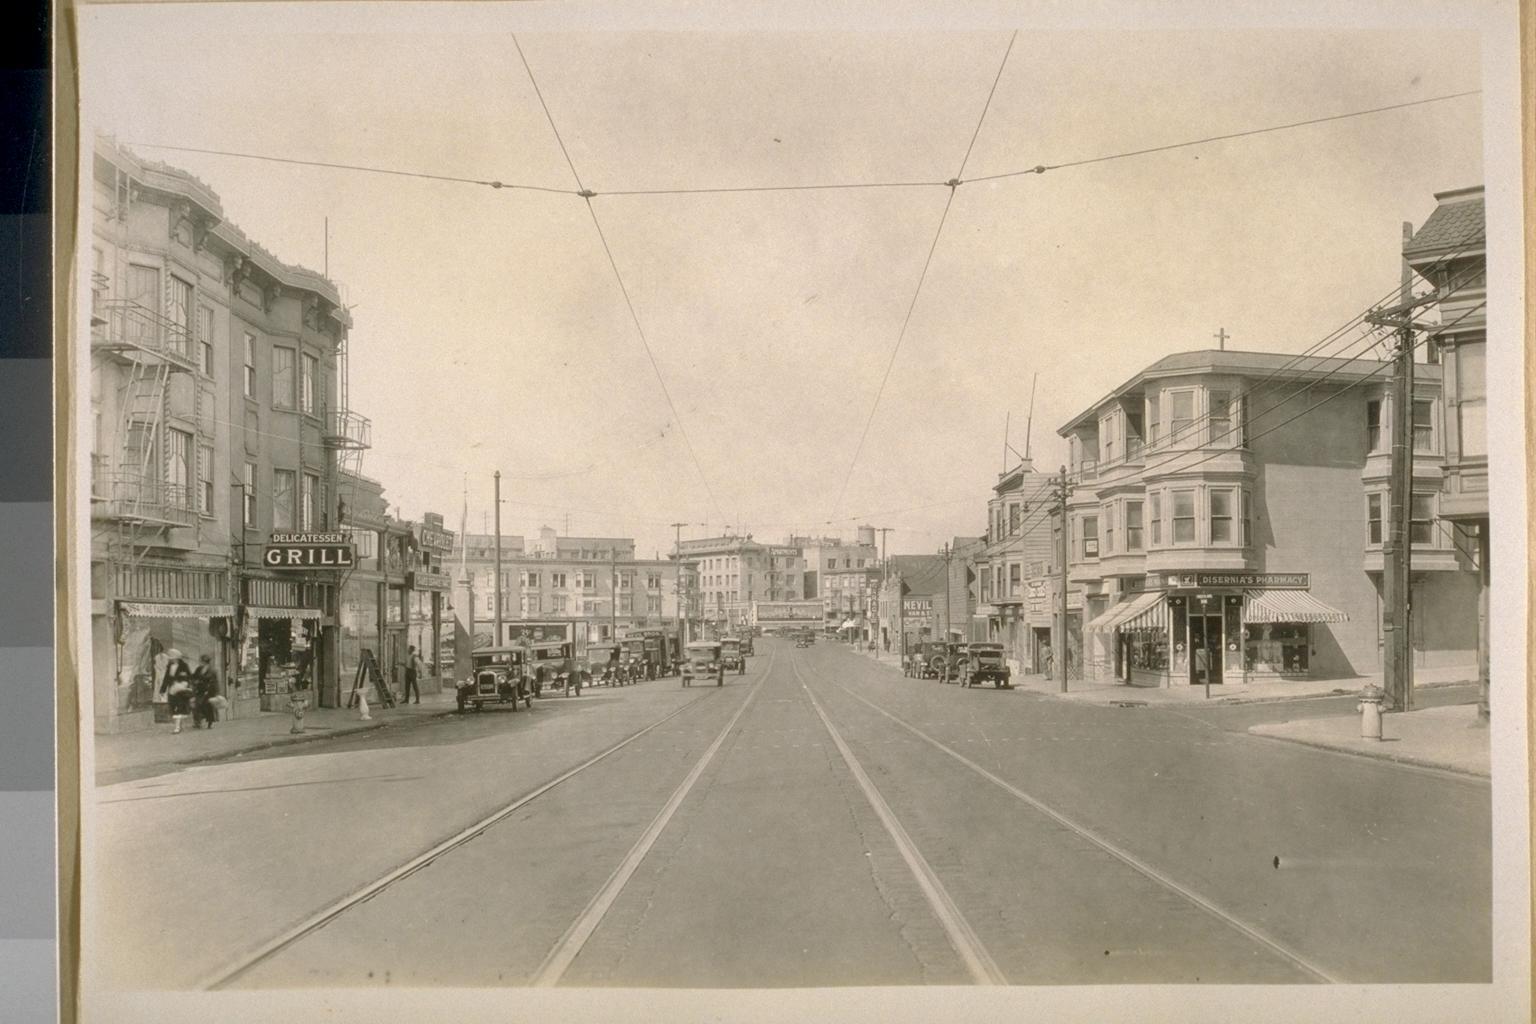 North on mission at precita 1926